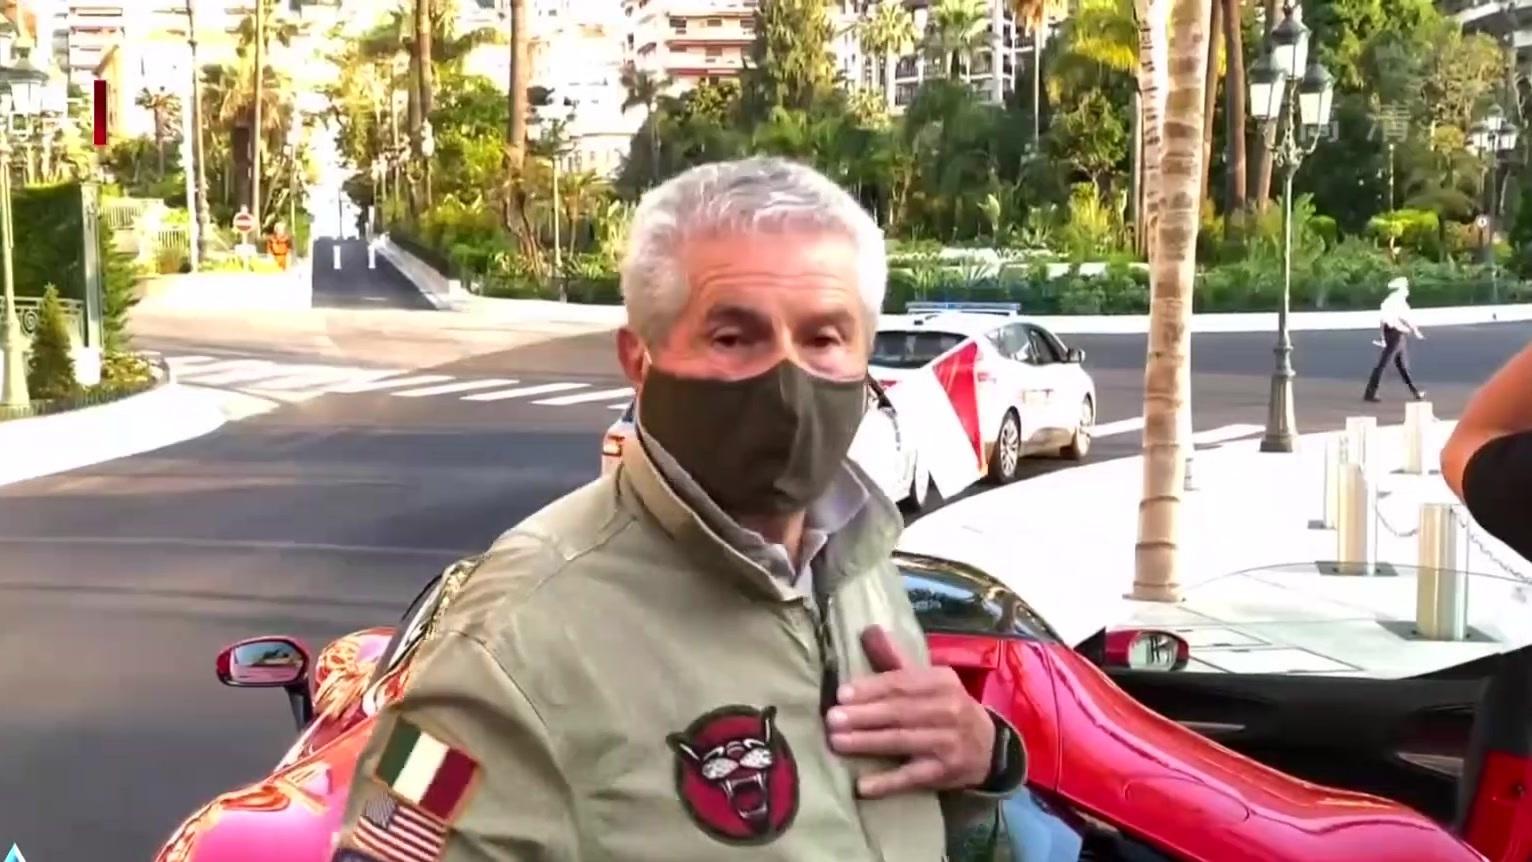 勒克莱尔摩洛哥拍短片  独享家乡赛道两小时